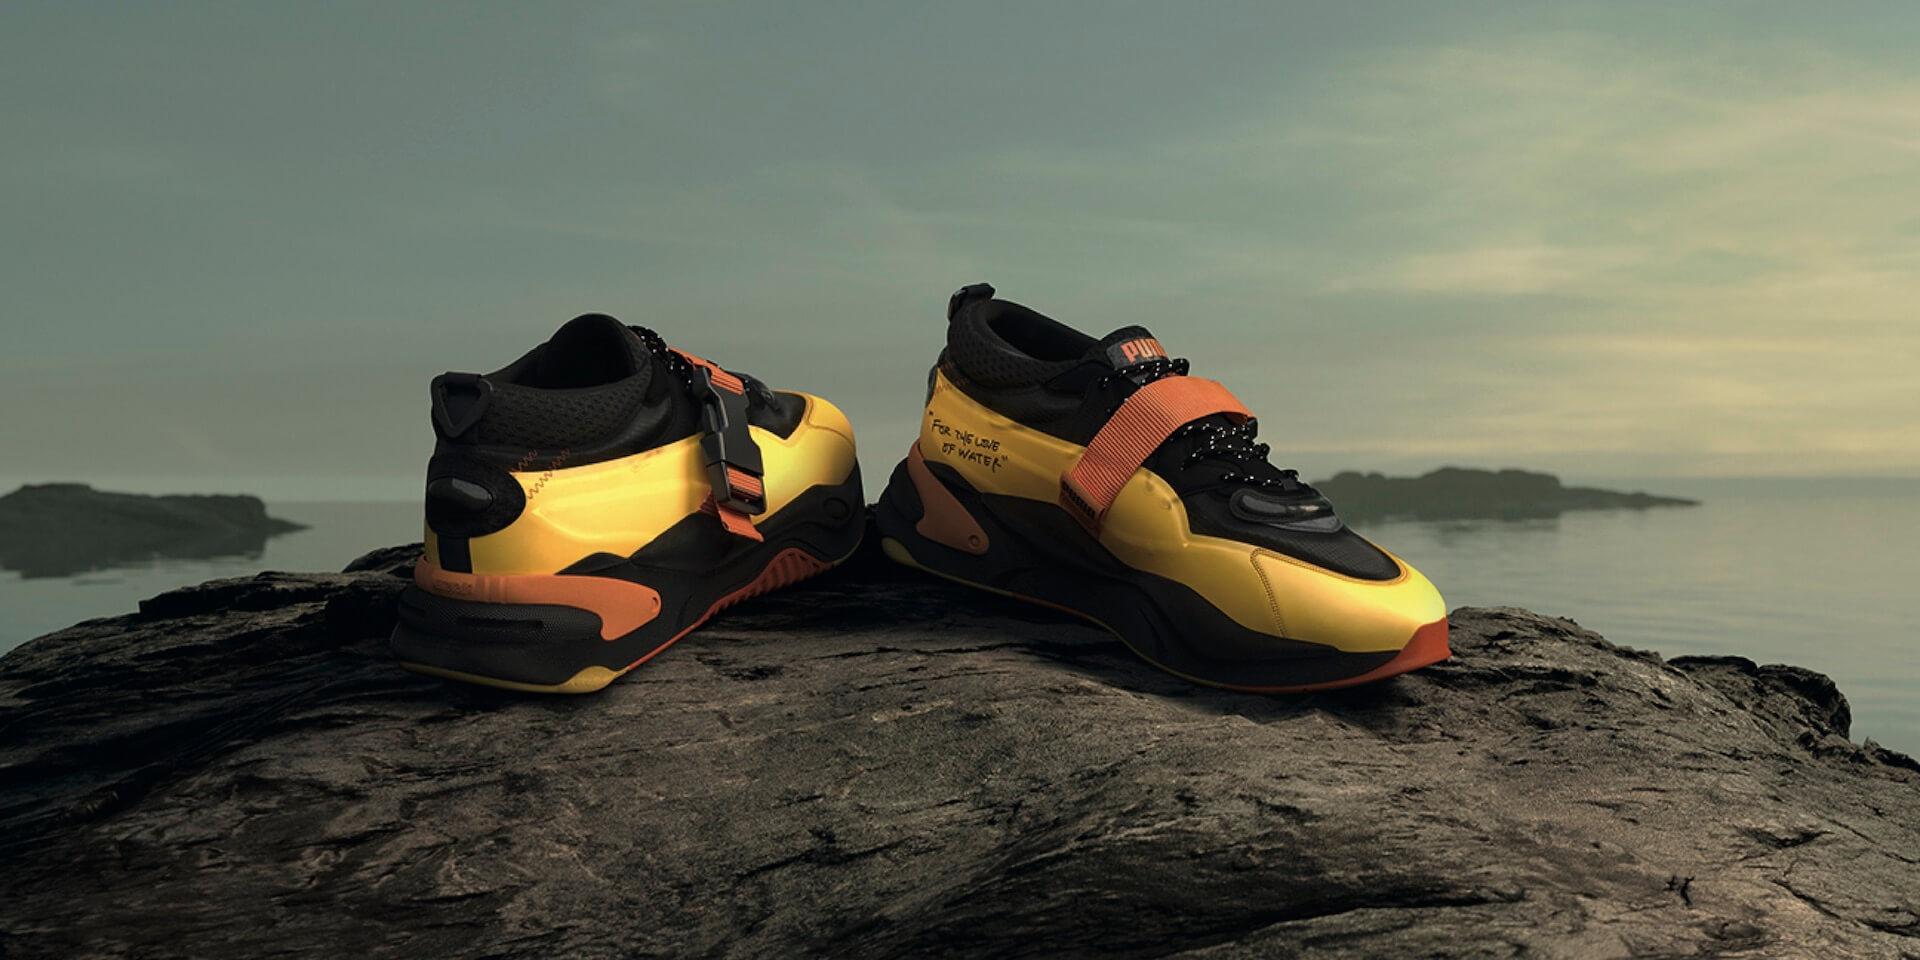 プーマとセントラル・セント・マーチンズのコラボコレクション第2弾「PUMA×CSM」が発売決定!RS-2Kなどをベースにした新作シューズも登場 fashion2020907-pumacms72